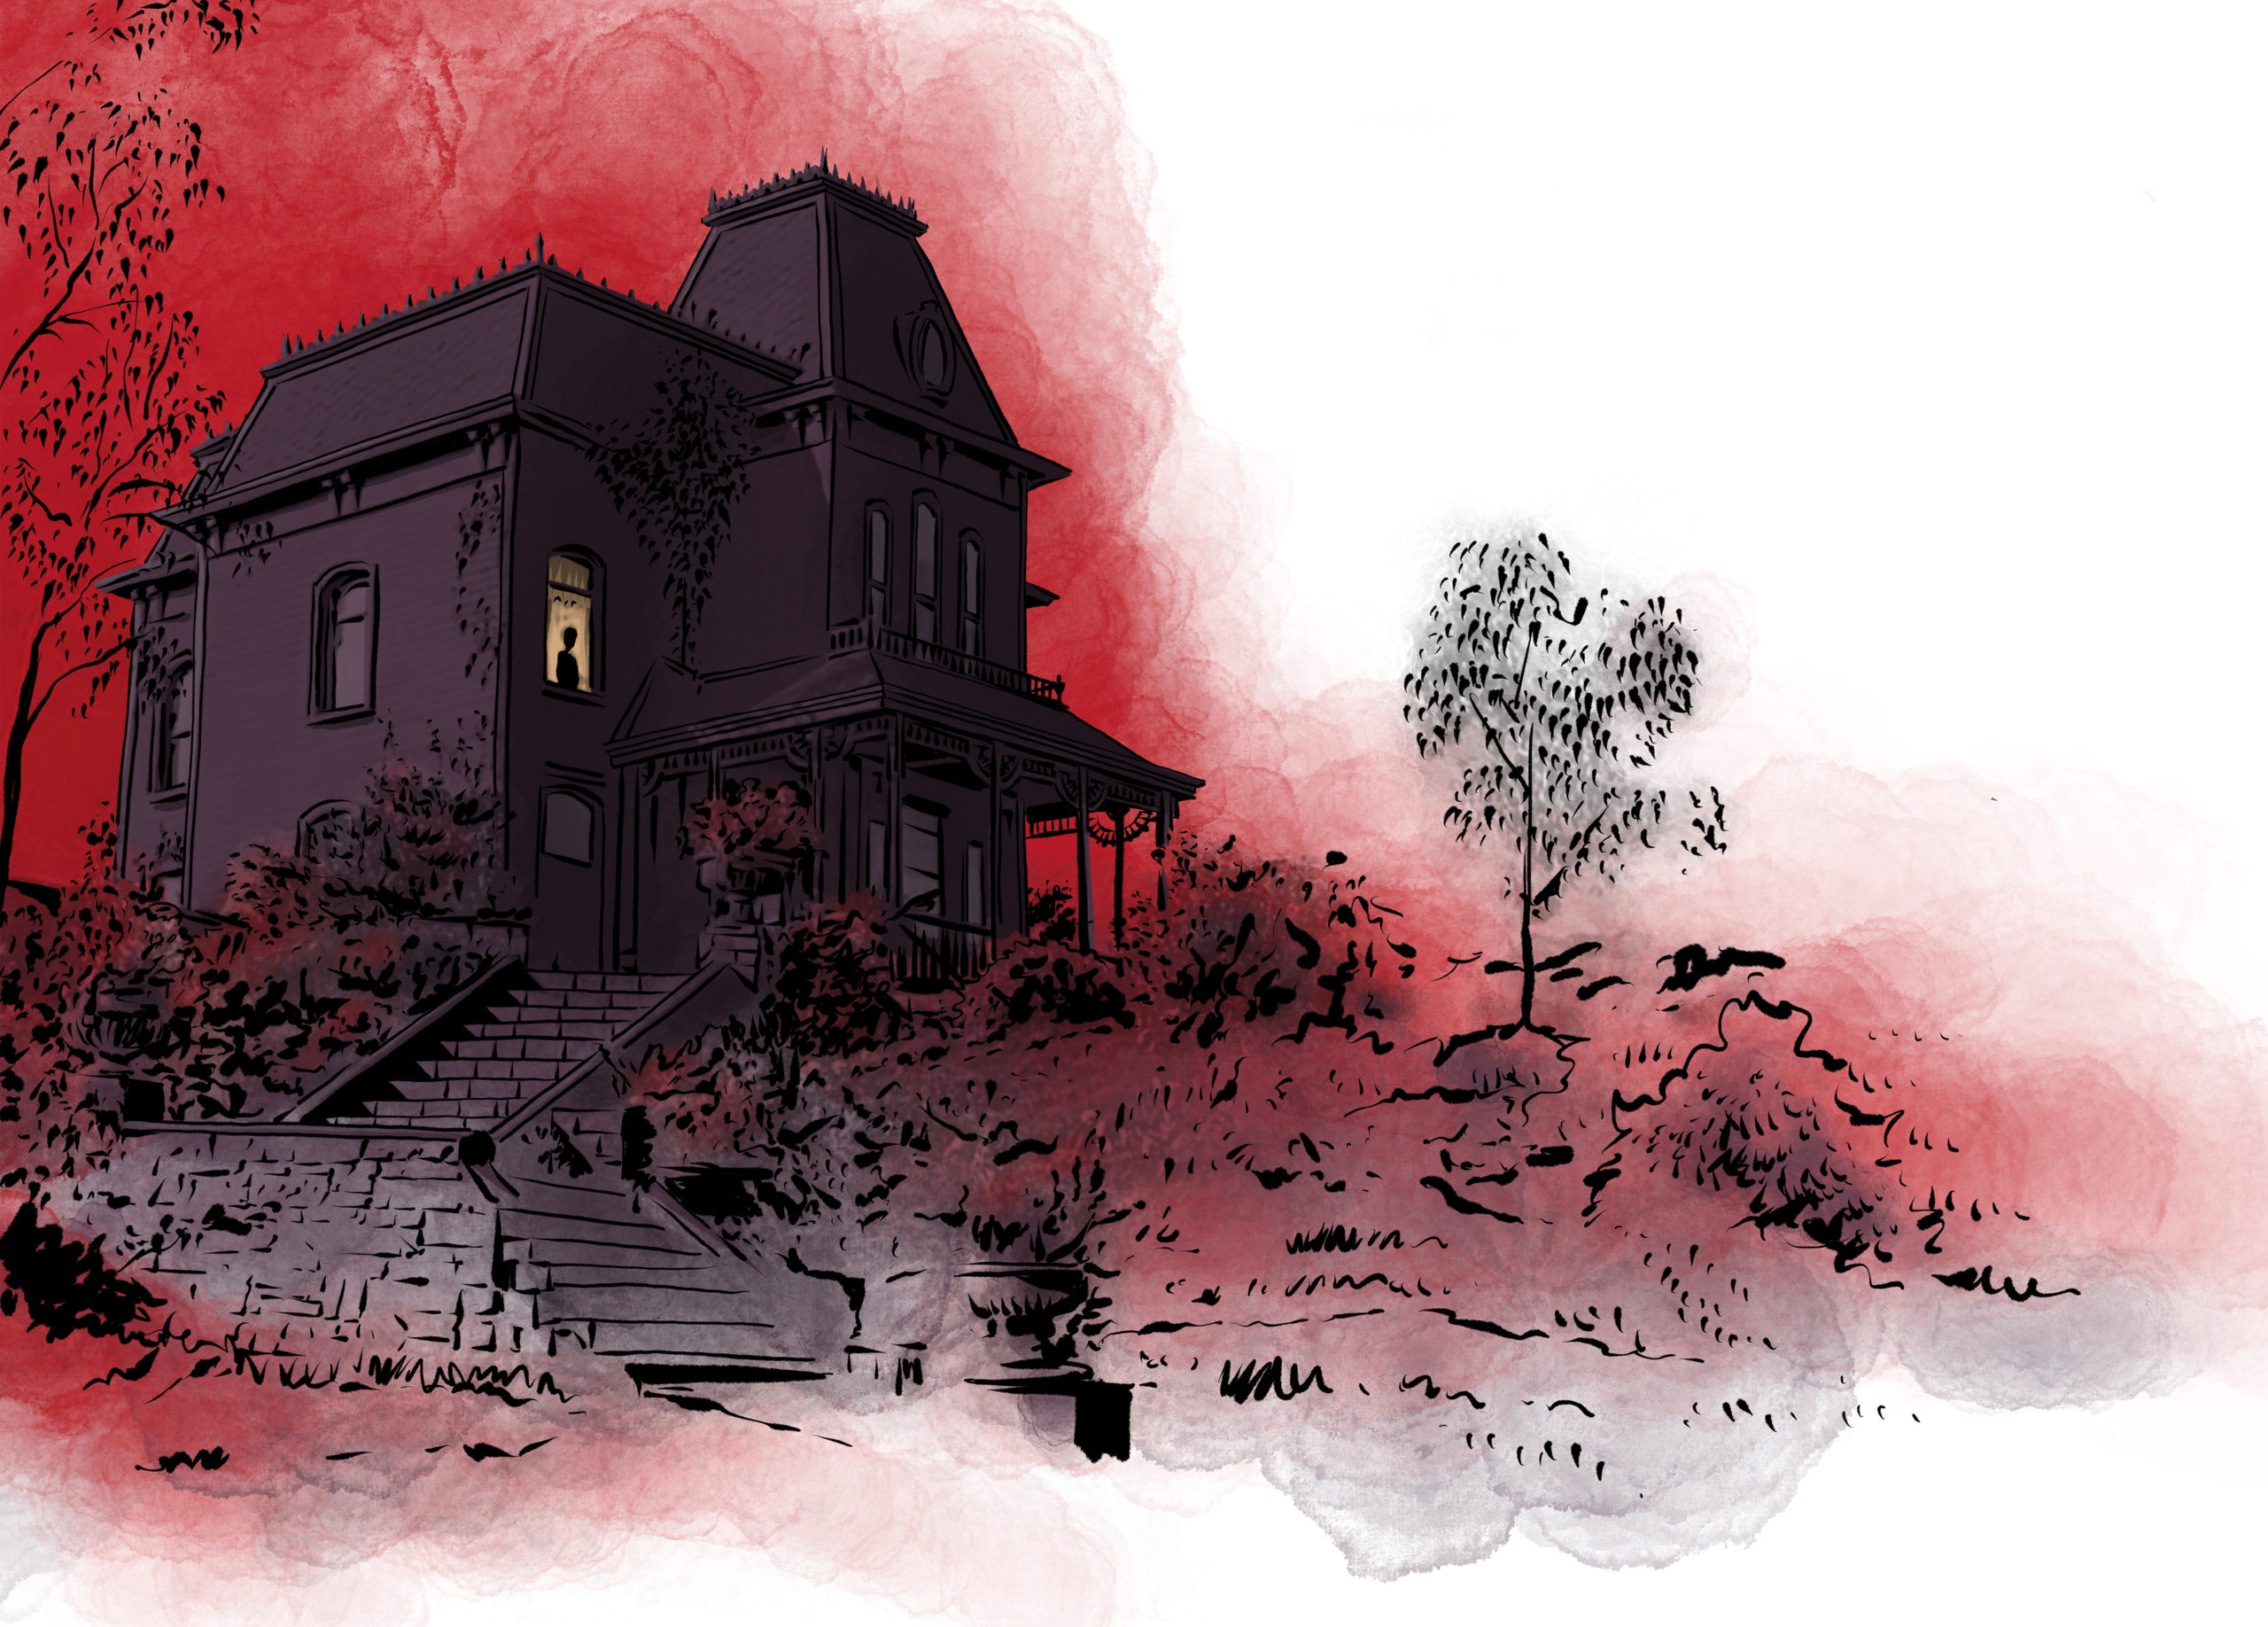 Angst, Schmerz, Einsamkeit. Eine Figur blickt aus einem düsteren Haus. Was aussieht, wie ein Bild aus einem Horrorfilm, ist eine Metapher für die Stimmung vieler Menschen, die an psychischen Krankheiten leiden. Illustration: Schwarwel